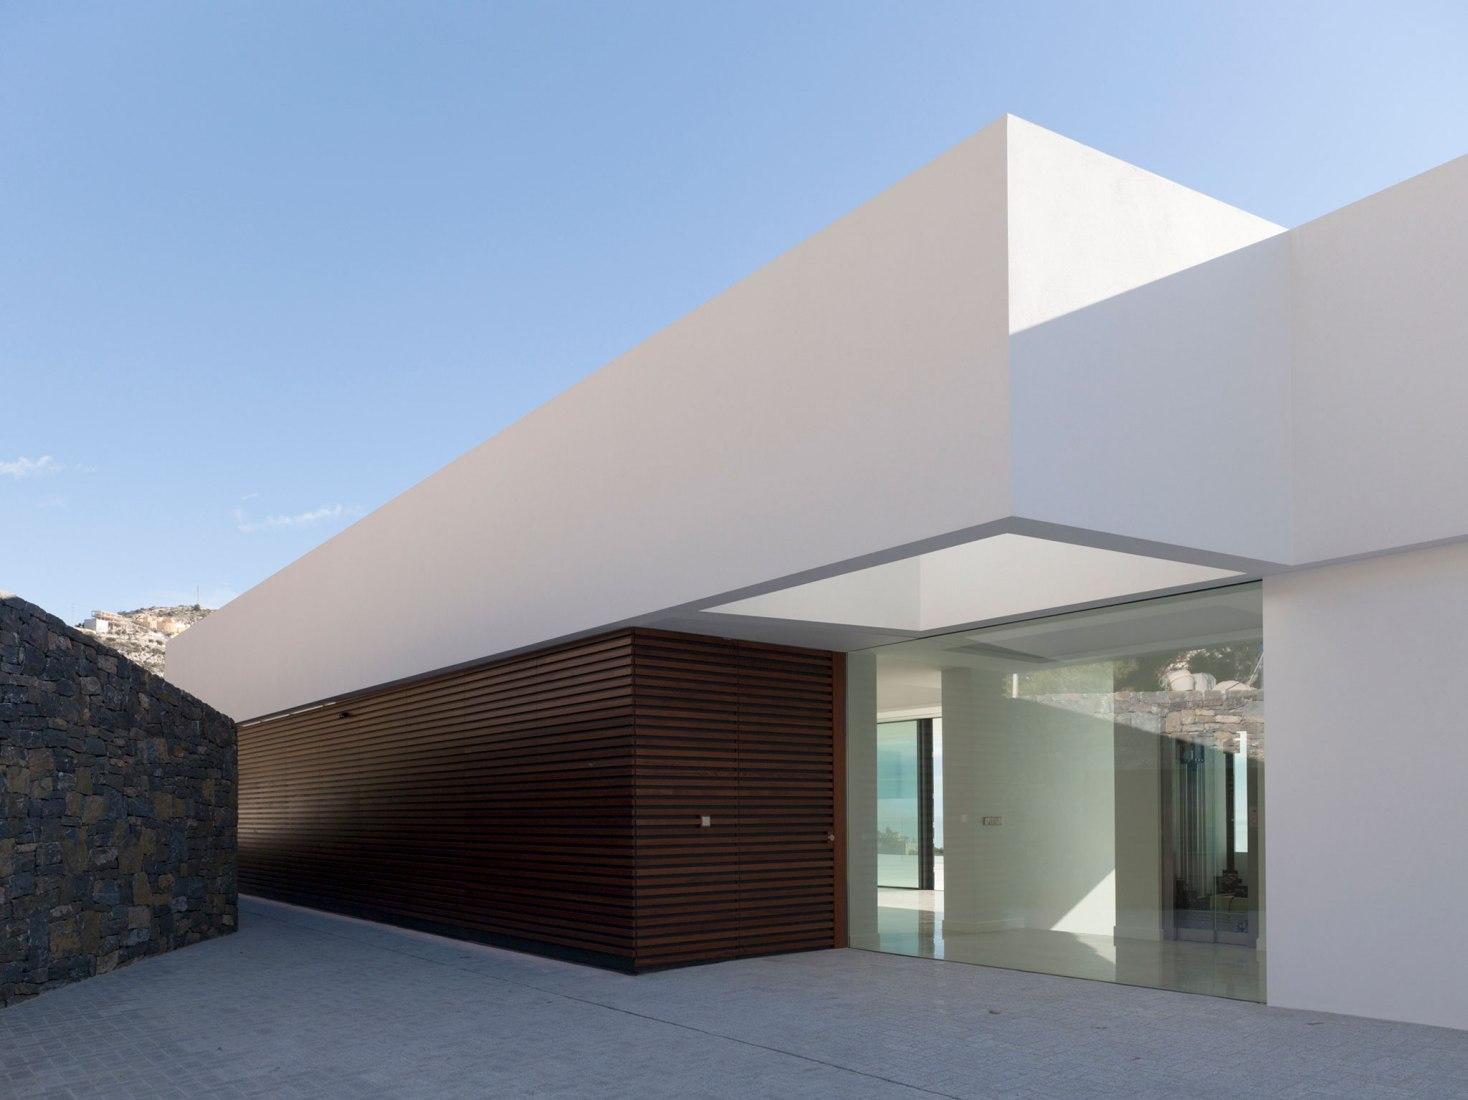 Vivienda en Altea por RGB Arquitectos. Fotografía por Mayte Piera.